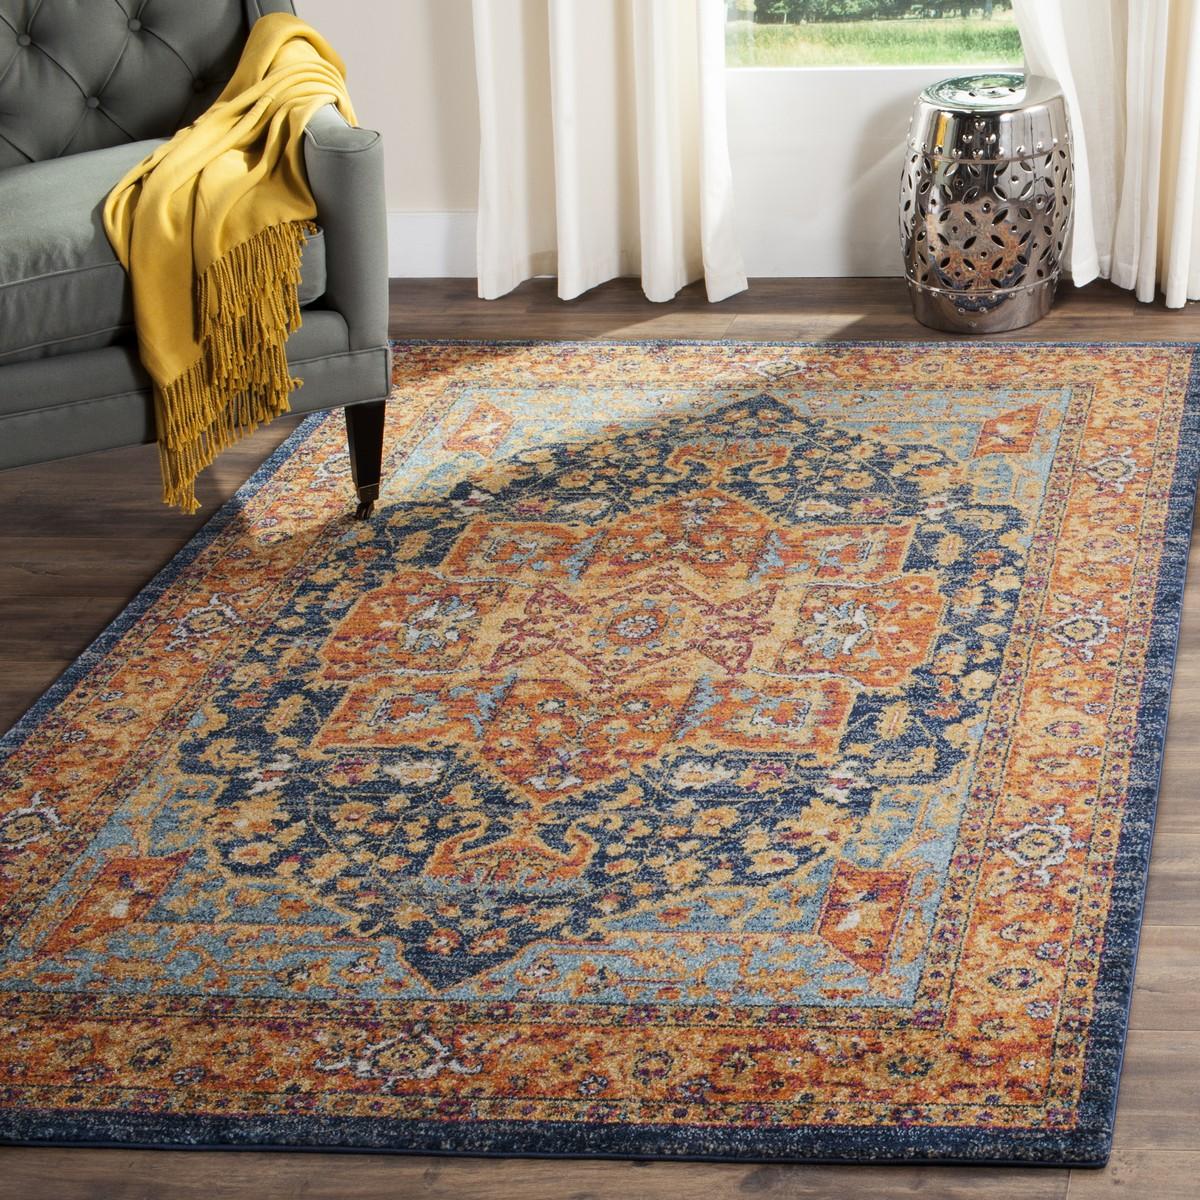 diy living oak room floor best wayfair design target boho interior on of wooden ideas rug flooring sale area simple rugs table